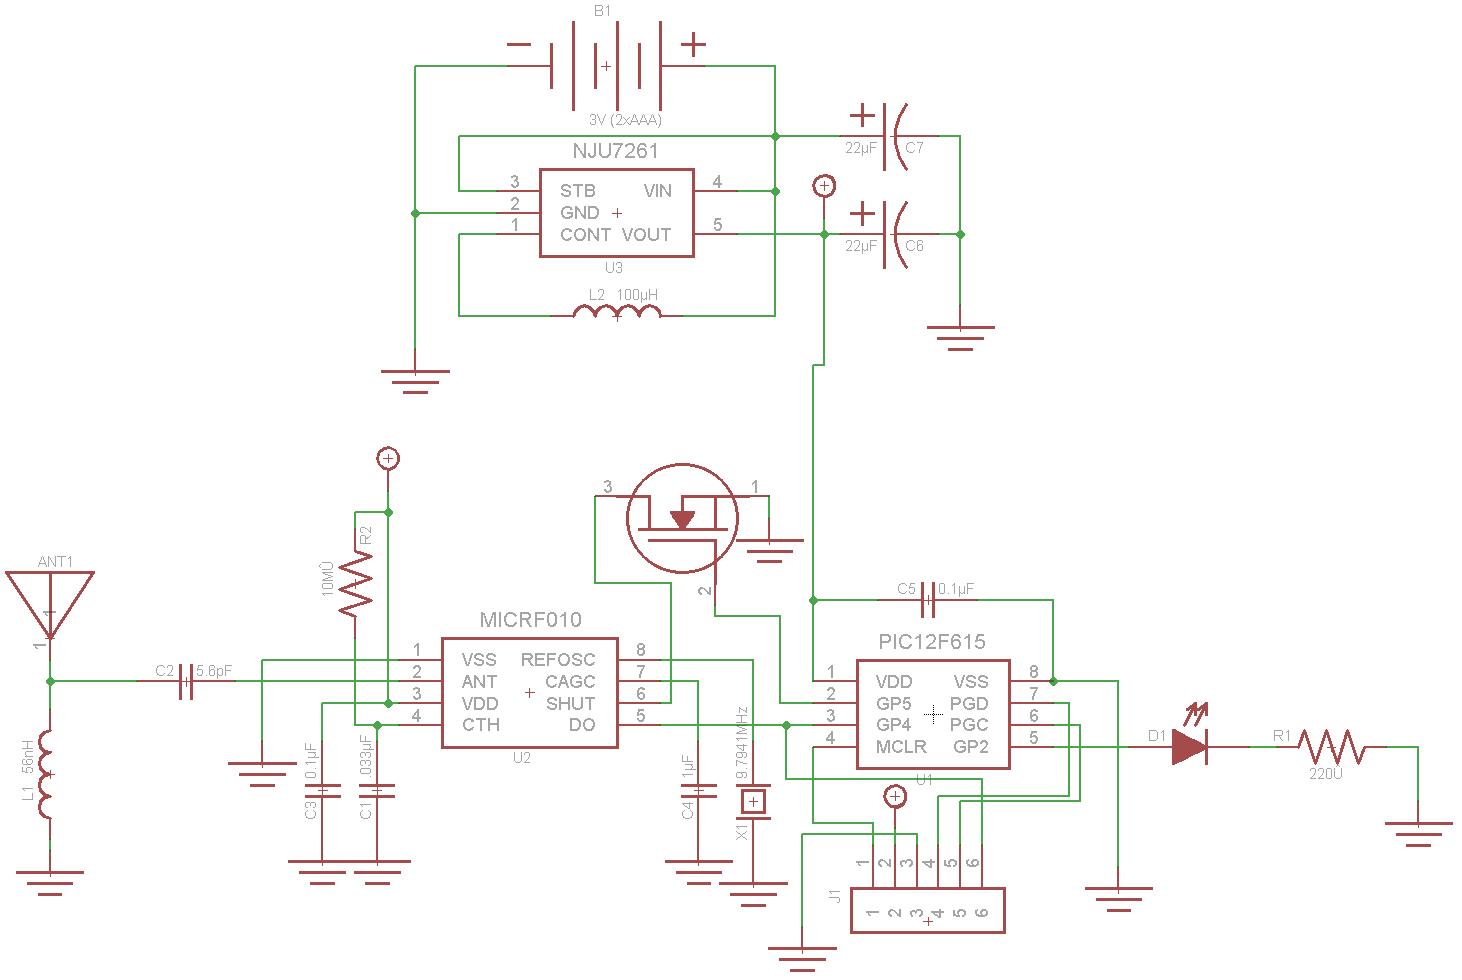 04CF Key Fob Schematic   Wiring Liry Key Fob Schematic on computer schematic, water pump schematic, battery schematic, flashlight schematic, door schematic, engine schematic, car schematic, remote start schematic, radio schematic, cell phone schematic,